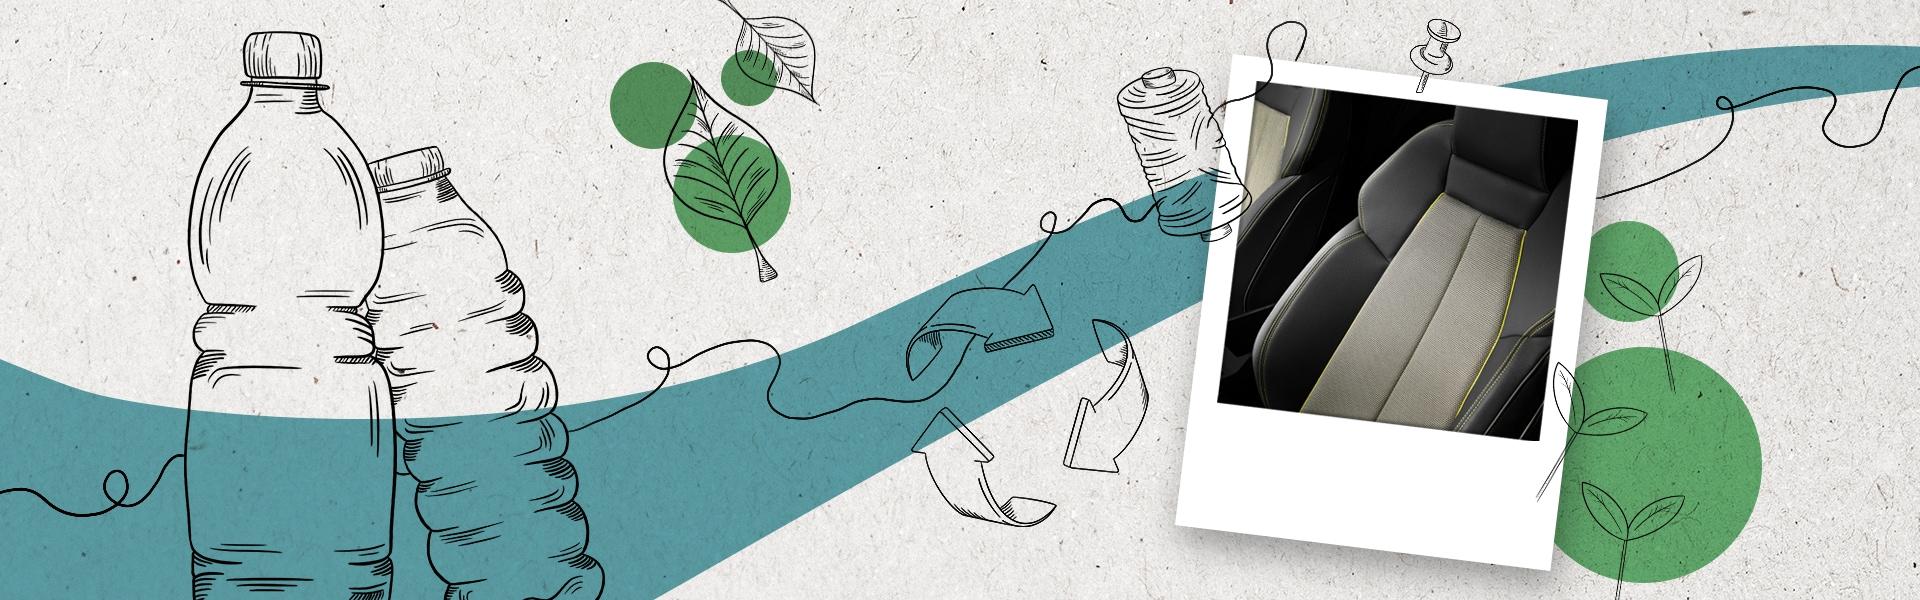 Naslovna belo-modra-zelena slika. Znotraj slike, polaroid z Audi A3 sedežem